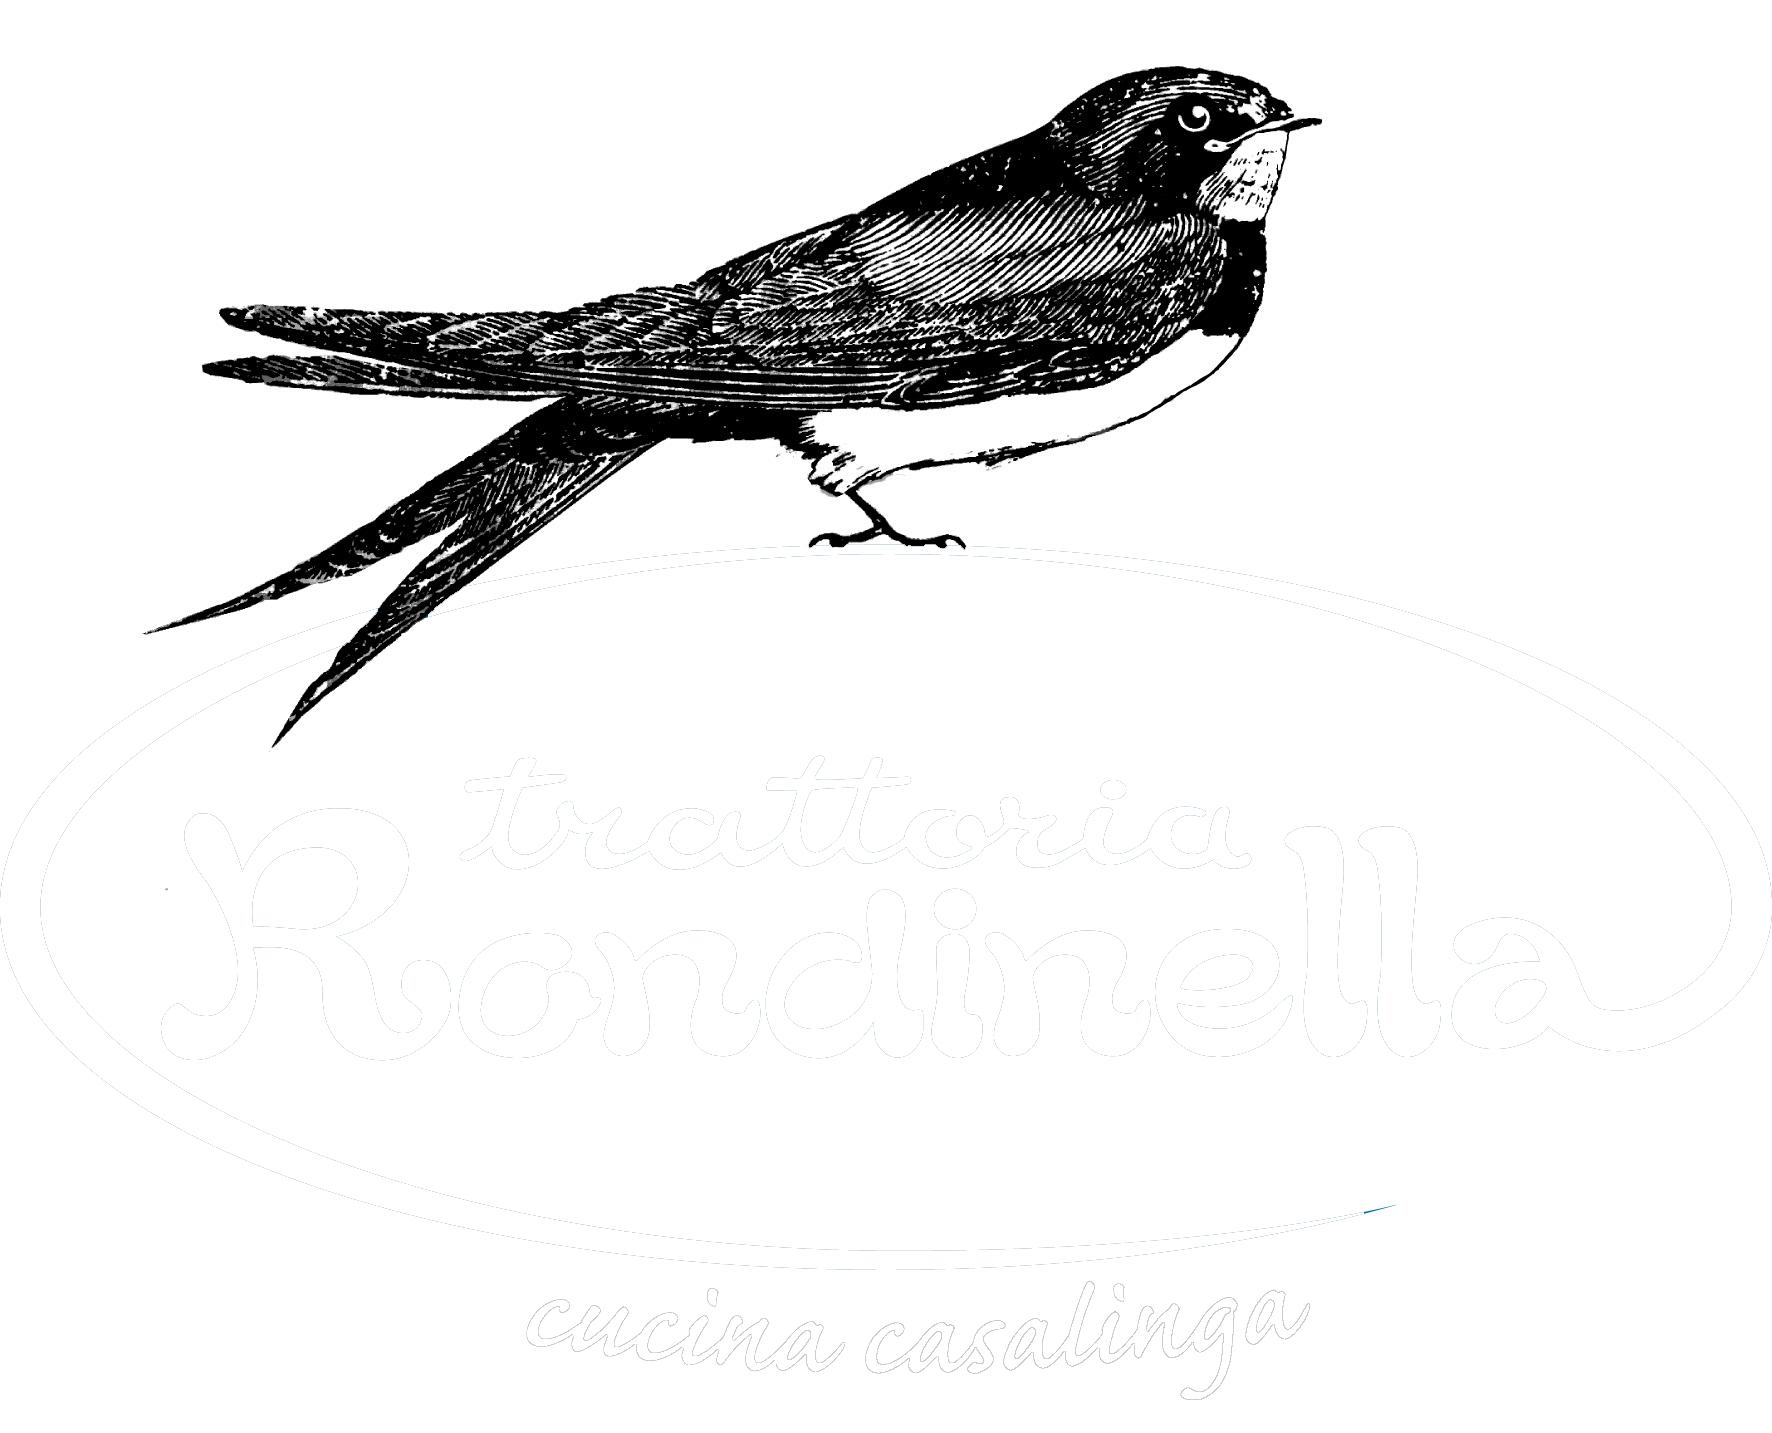 Trattoria la Rondinella